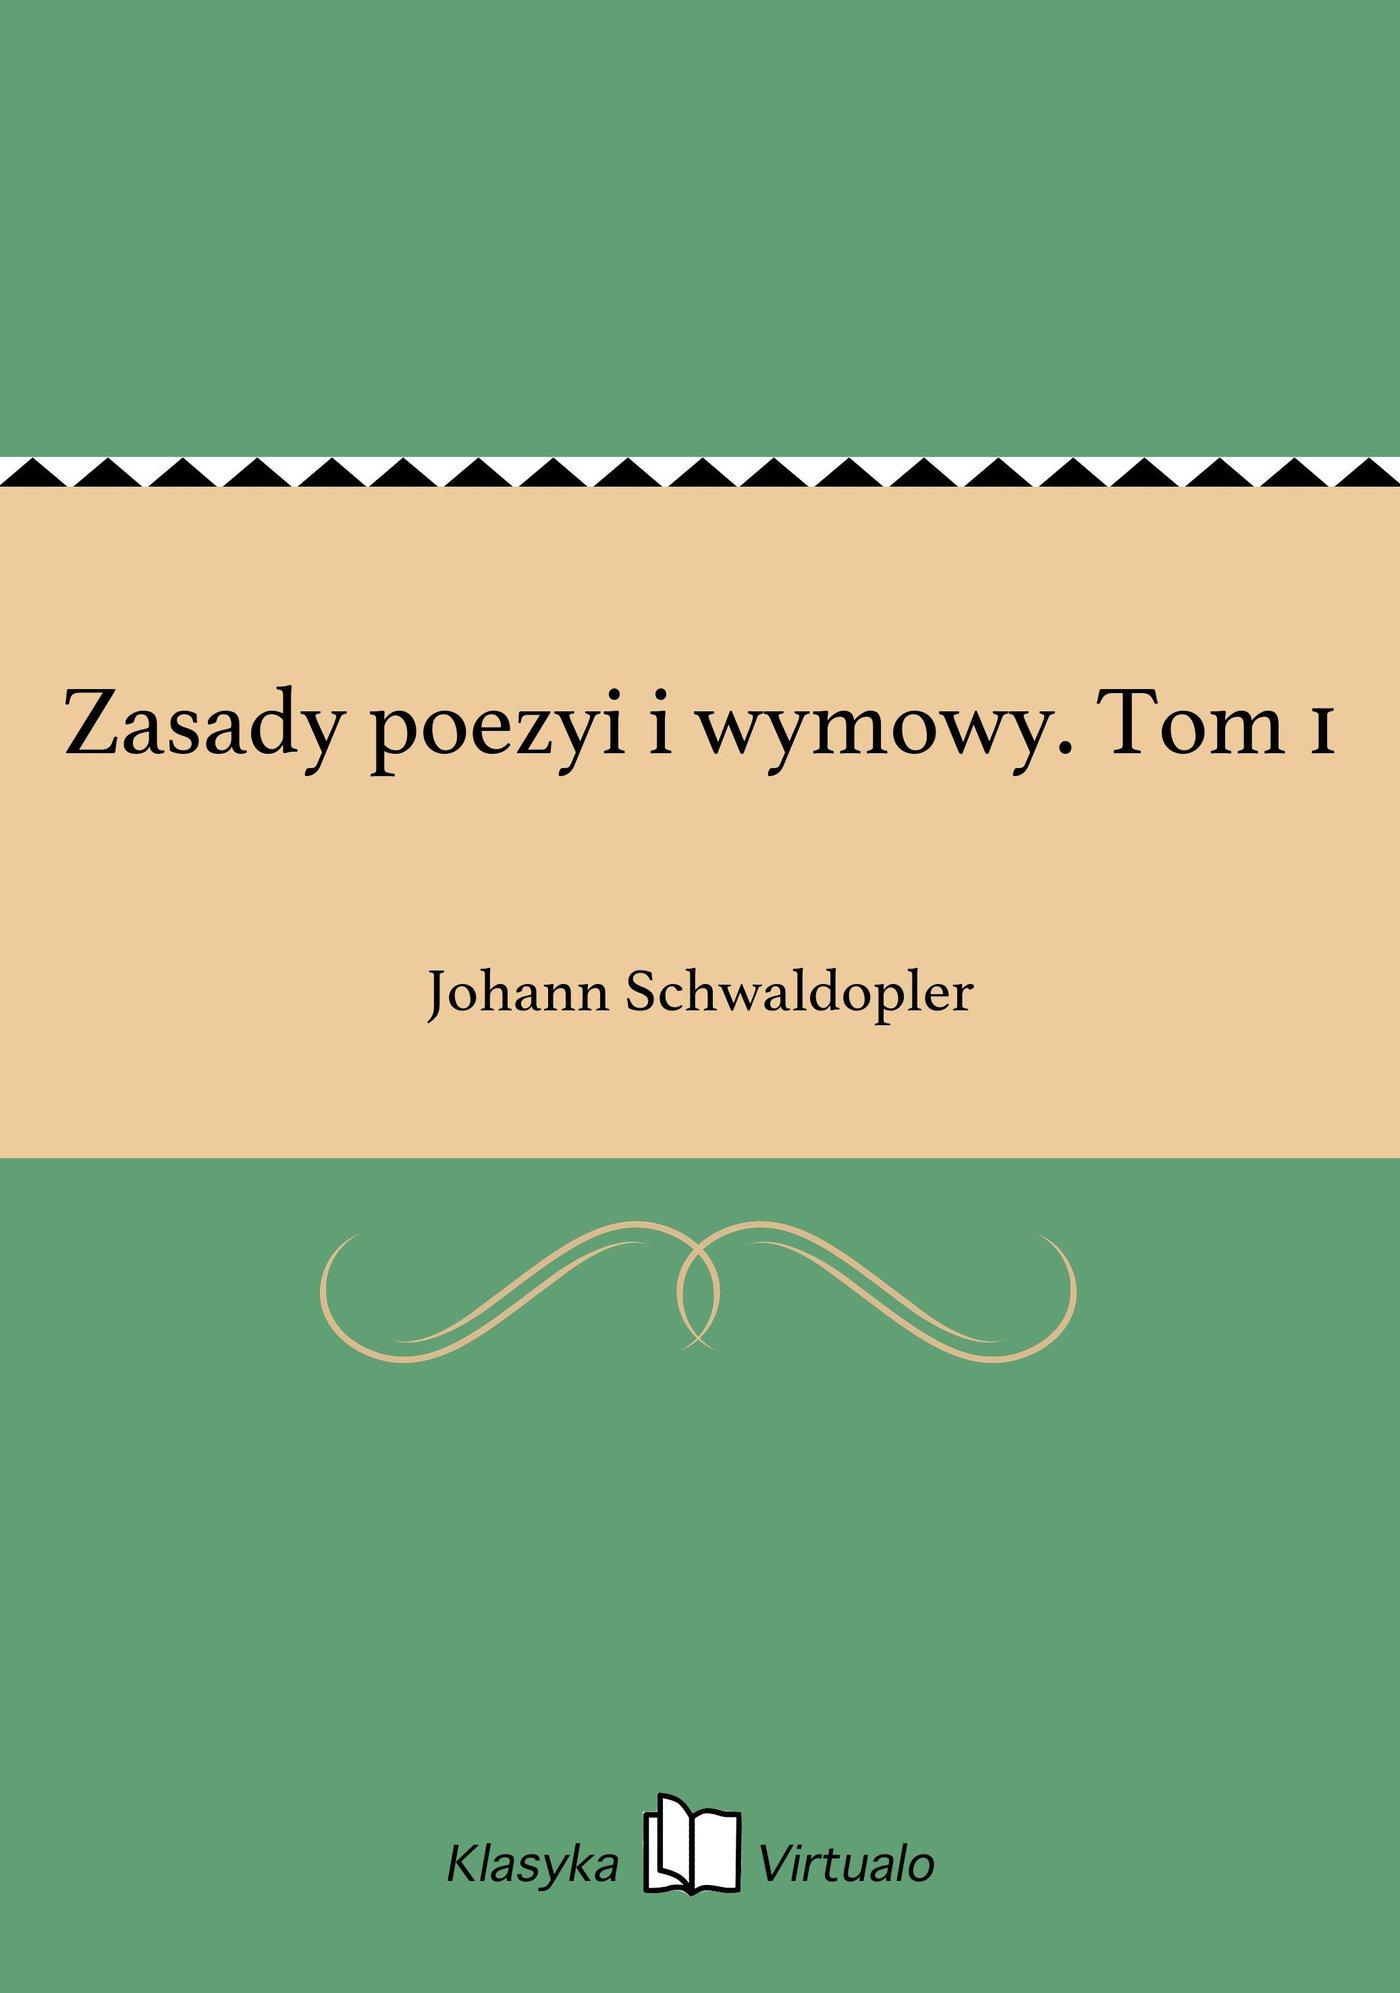 Zasady poezyi i wymowy. Tom 1 - Ebook (Książka na Kindle) do pobrania w formacie MOBI